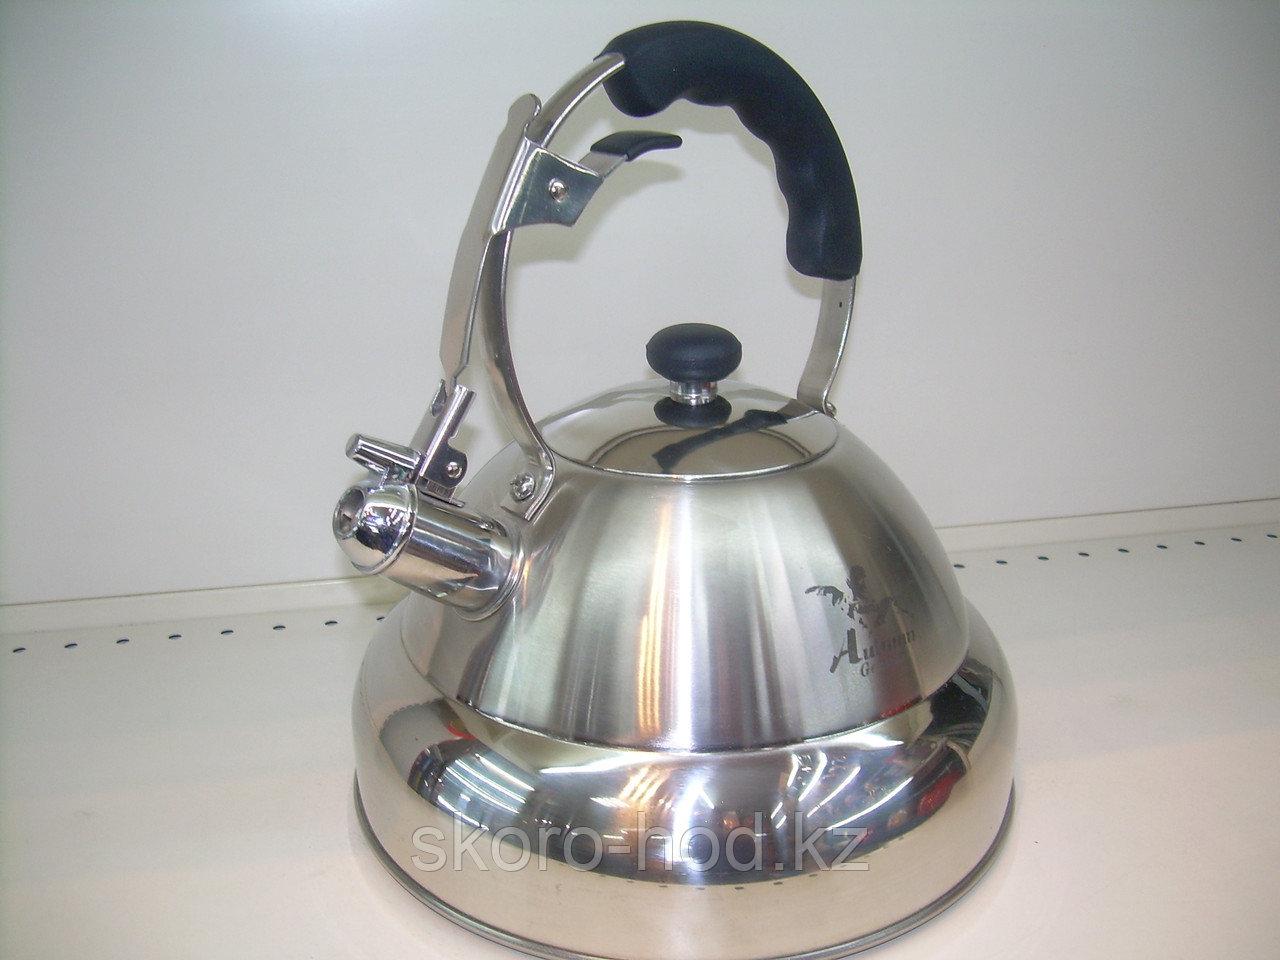 Чайник для газа Autumn 5 литров